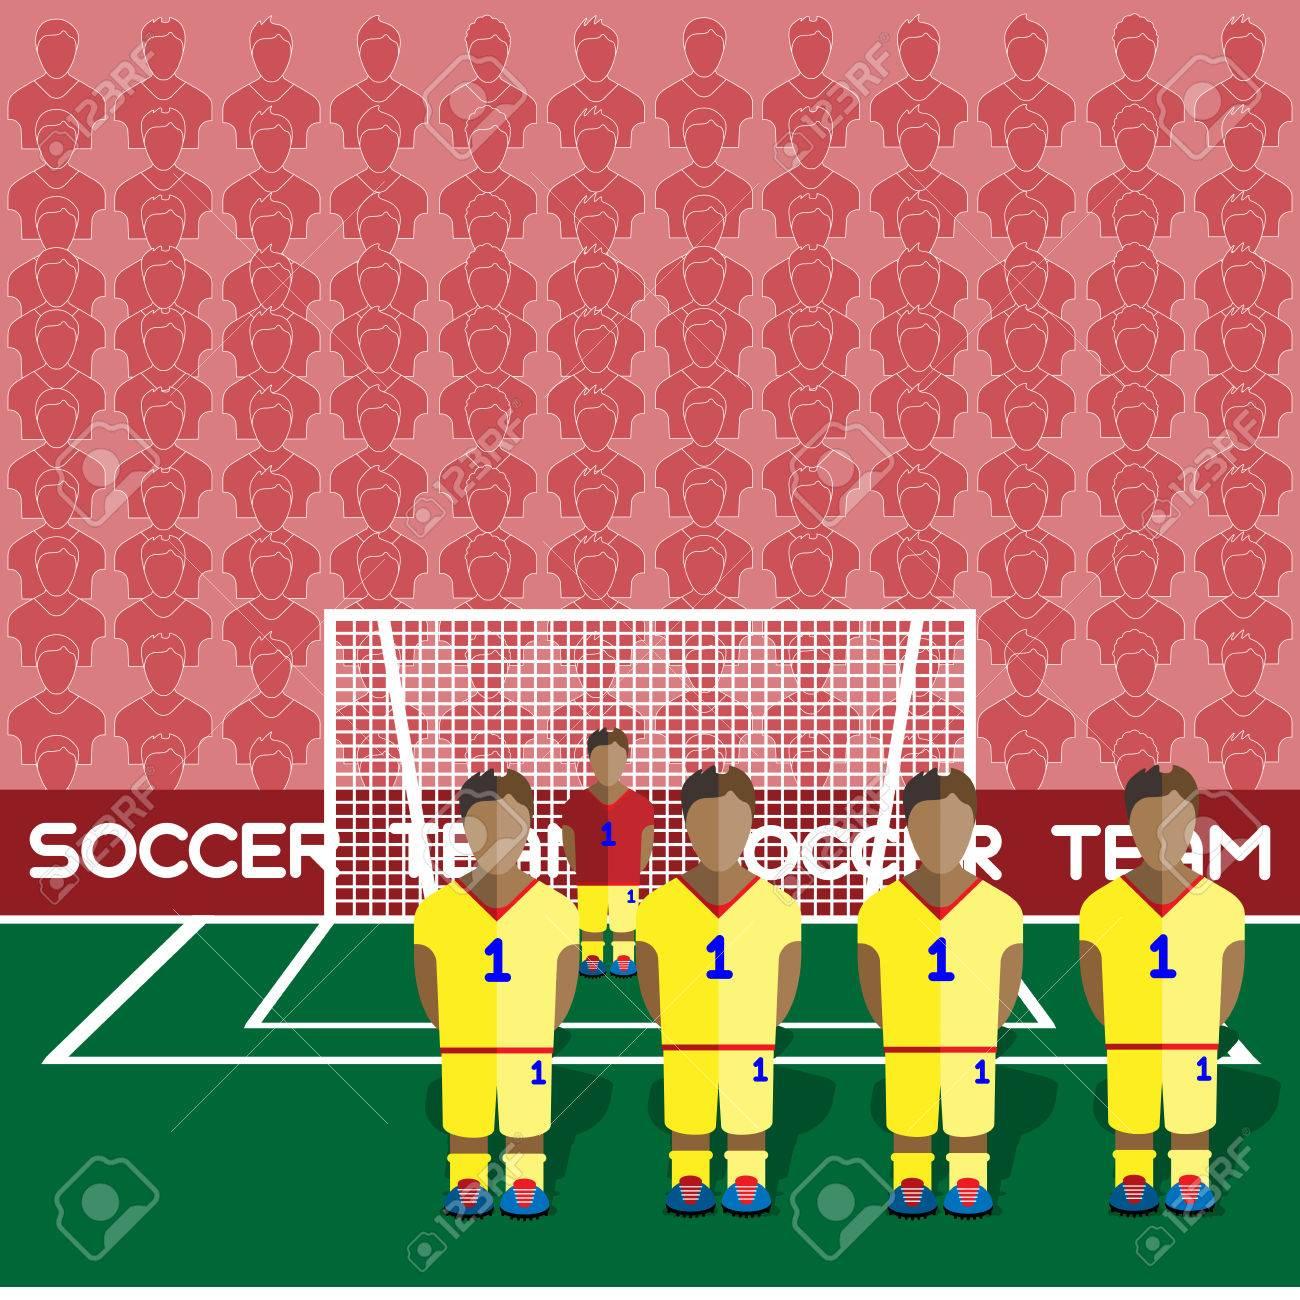 Roumanie Football Club Soccer Players Silhouettes. Jeux Rmatiques  Équipe De Football Joueurs Big Set. Graphique Sportif. Les Équipes De avec Jeux De Gardien